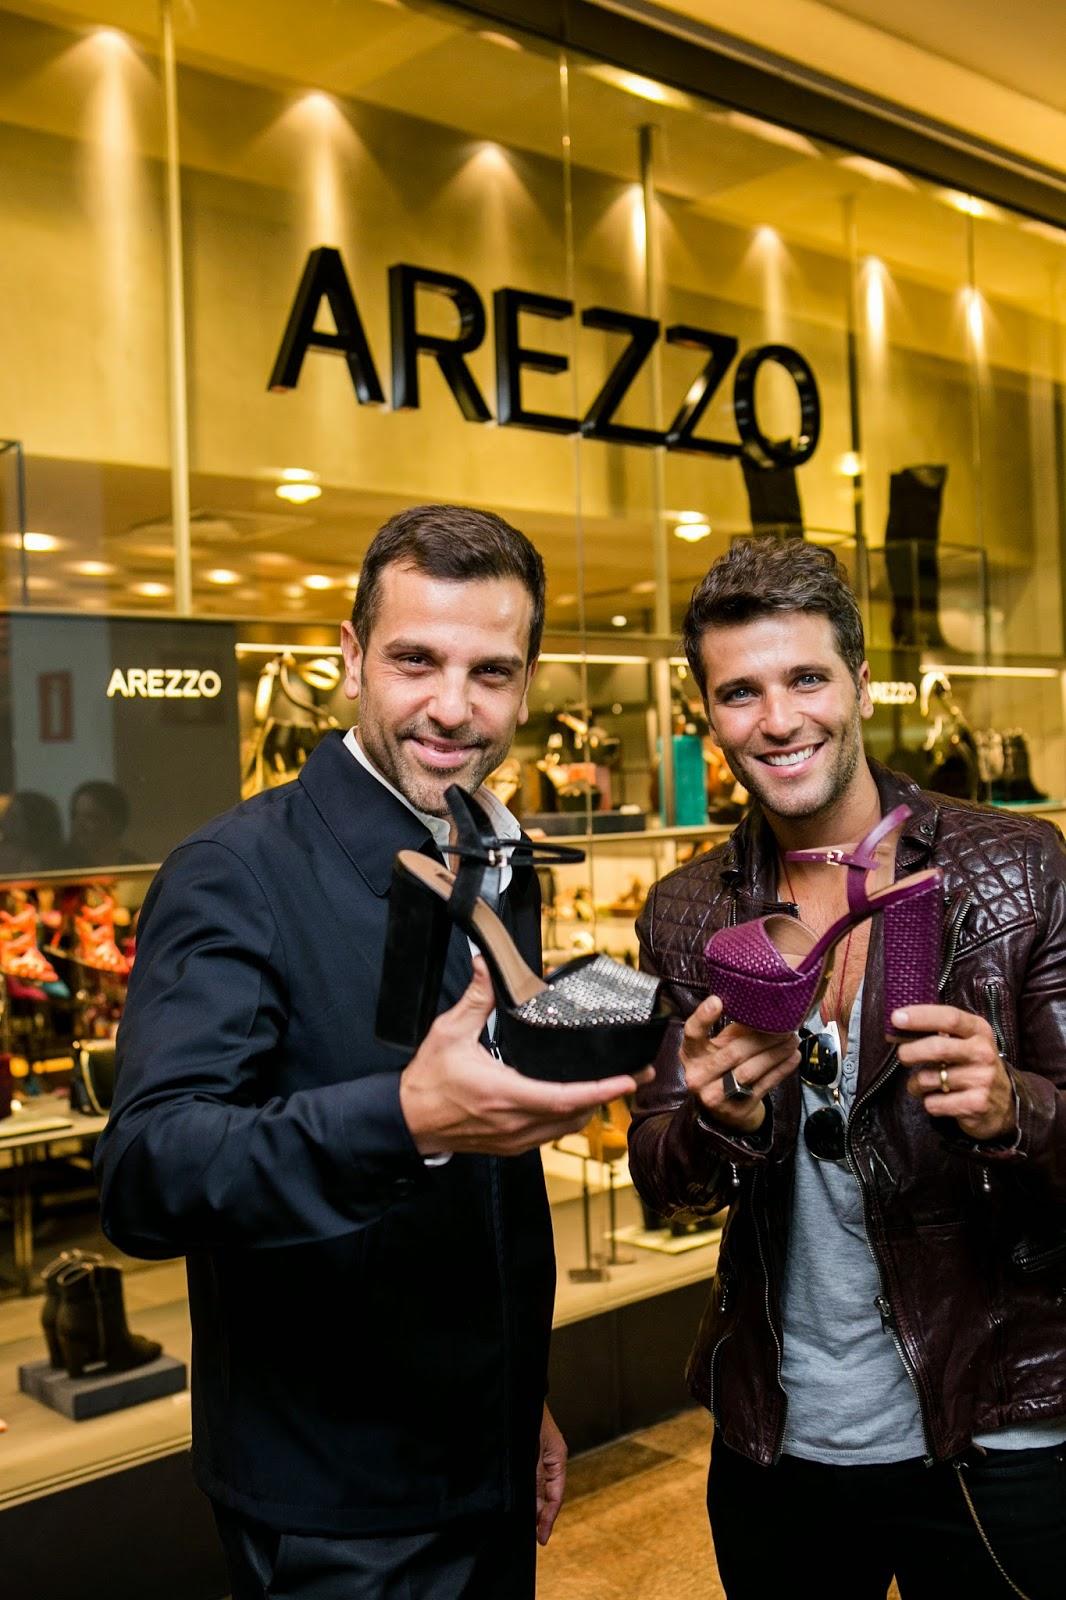 971c72067 Notícias Daqui e Dali: Arezzo reabre loja no Pátio Savassi com área ...